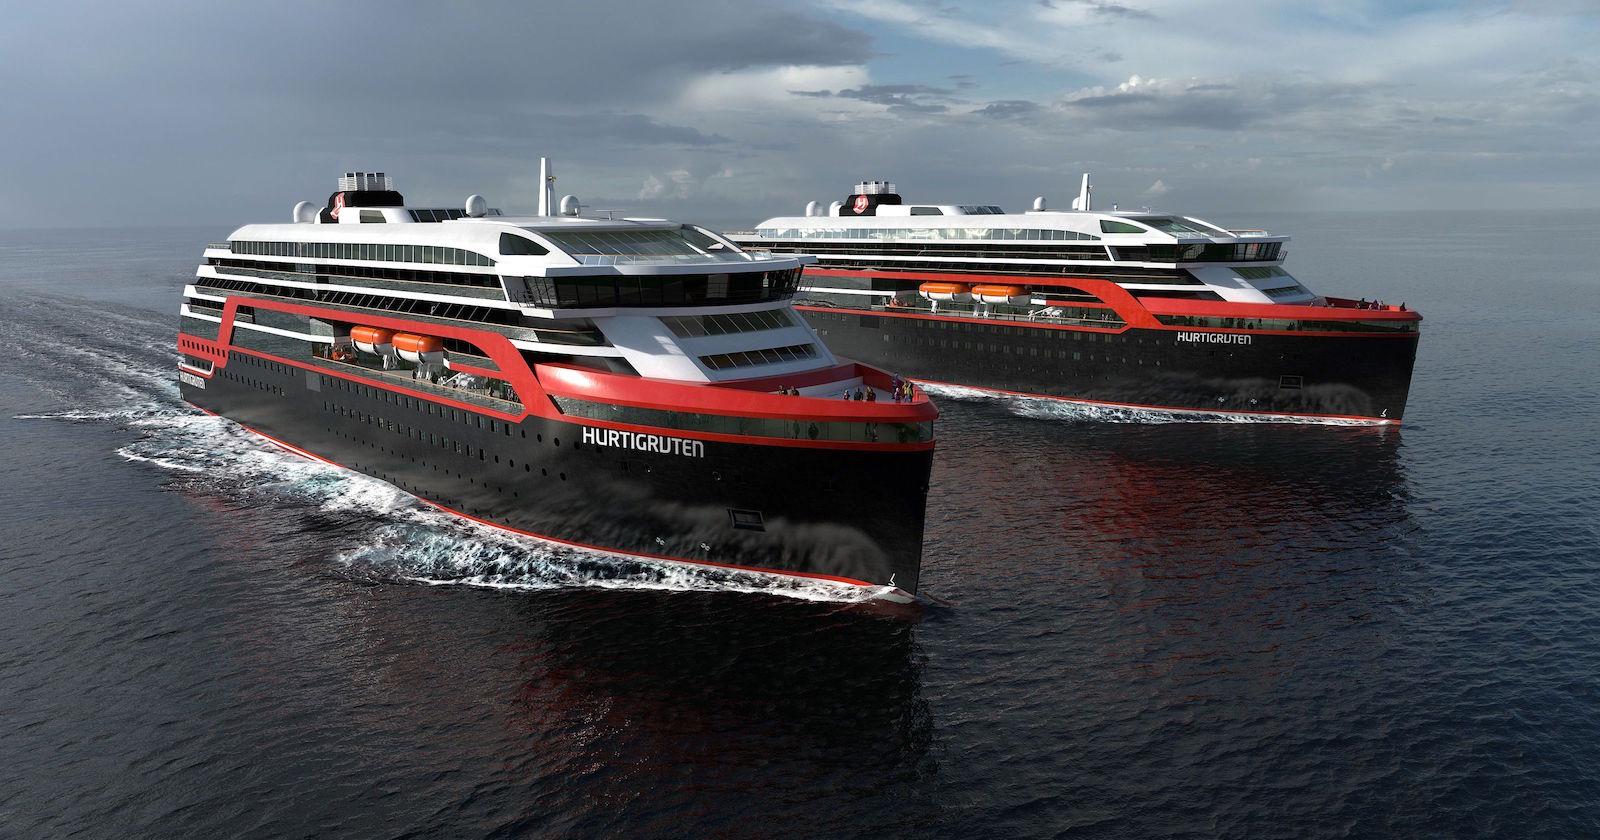 Výletní lodě společnosti Hurtigruten používají zbytky ryb jako palivo